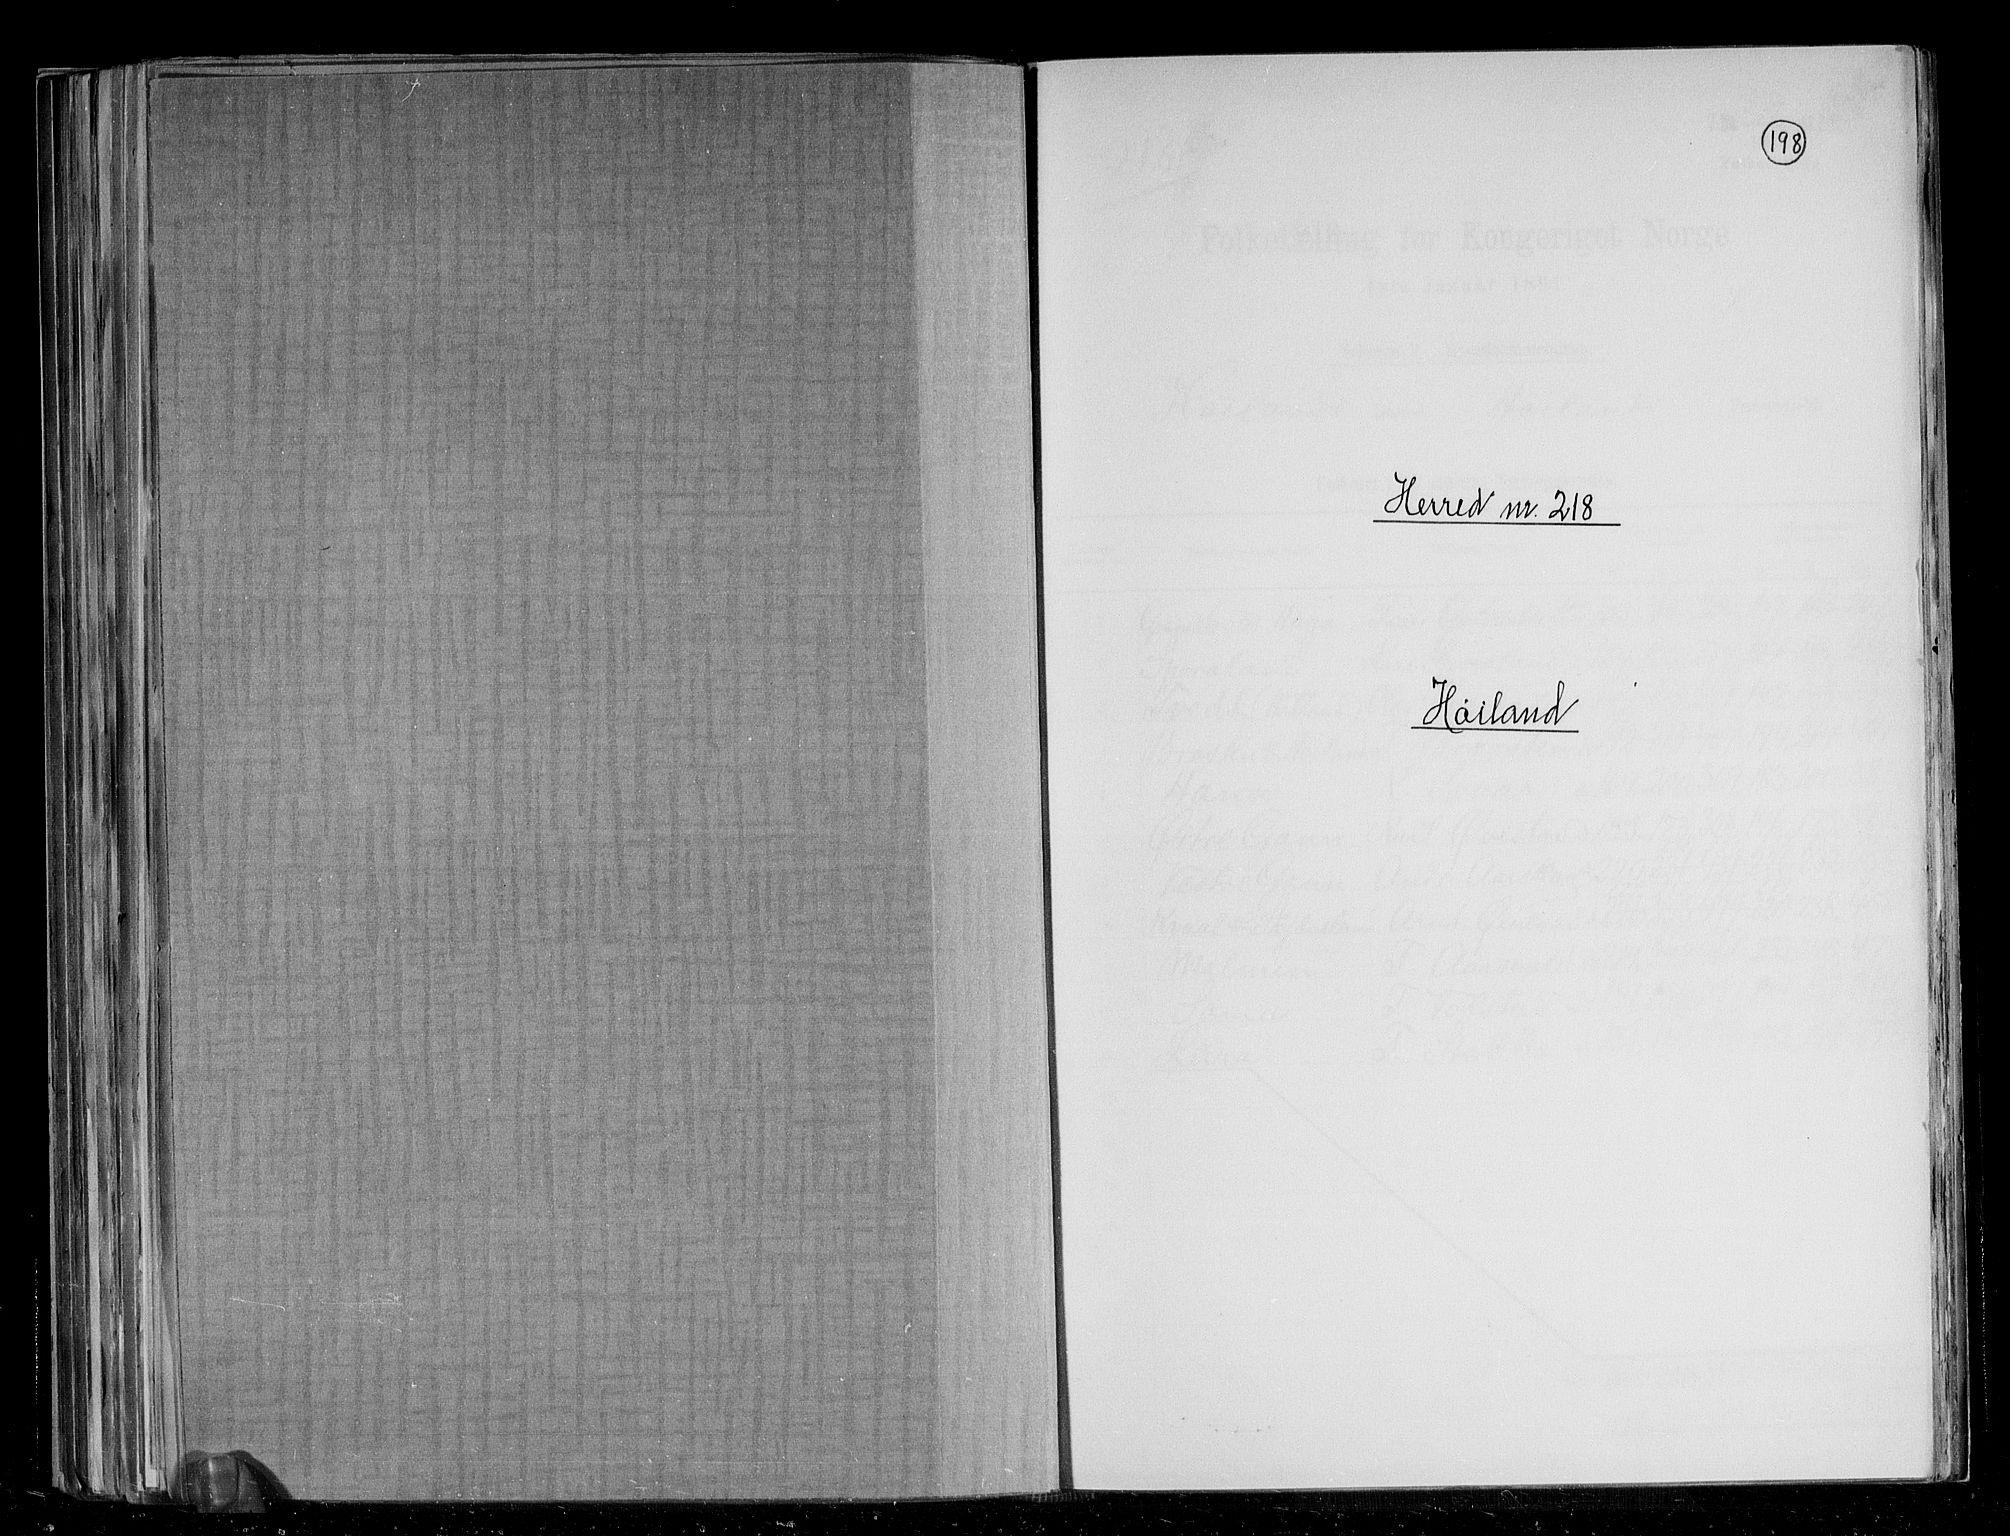 RA, Folketelling 1891 for 1123 Høyland herred, 1891, s. 1